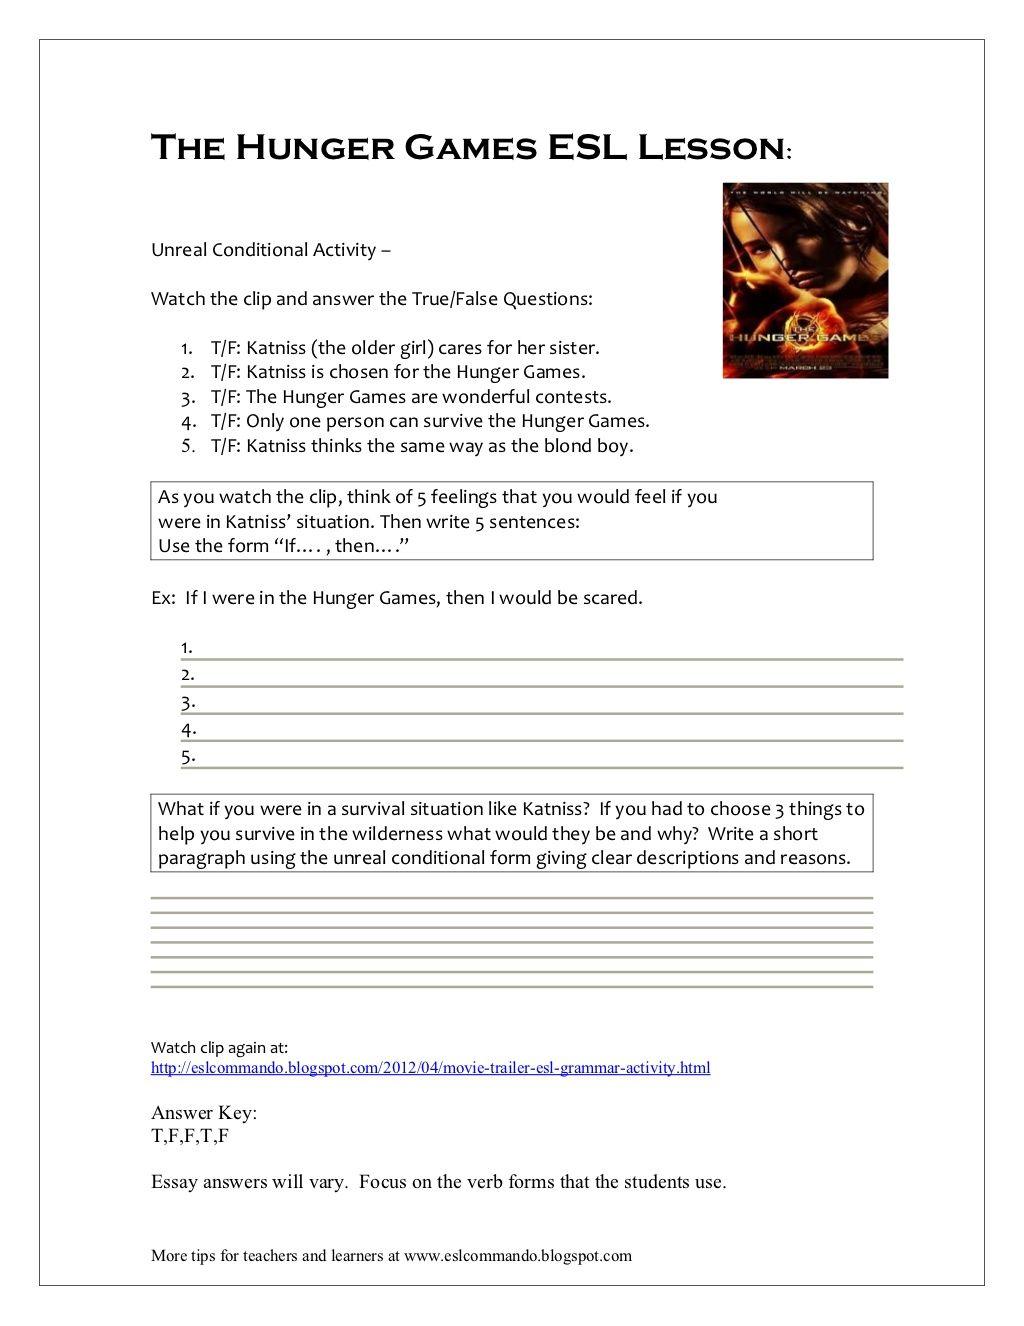 The Hunger Games Esl Lesson By Phricee Via Slideshare